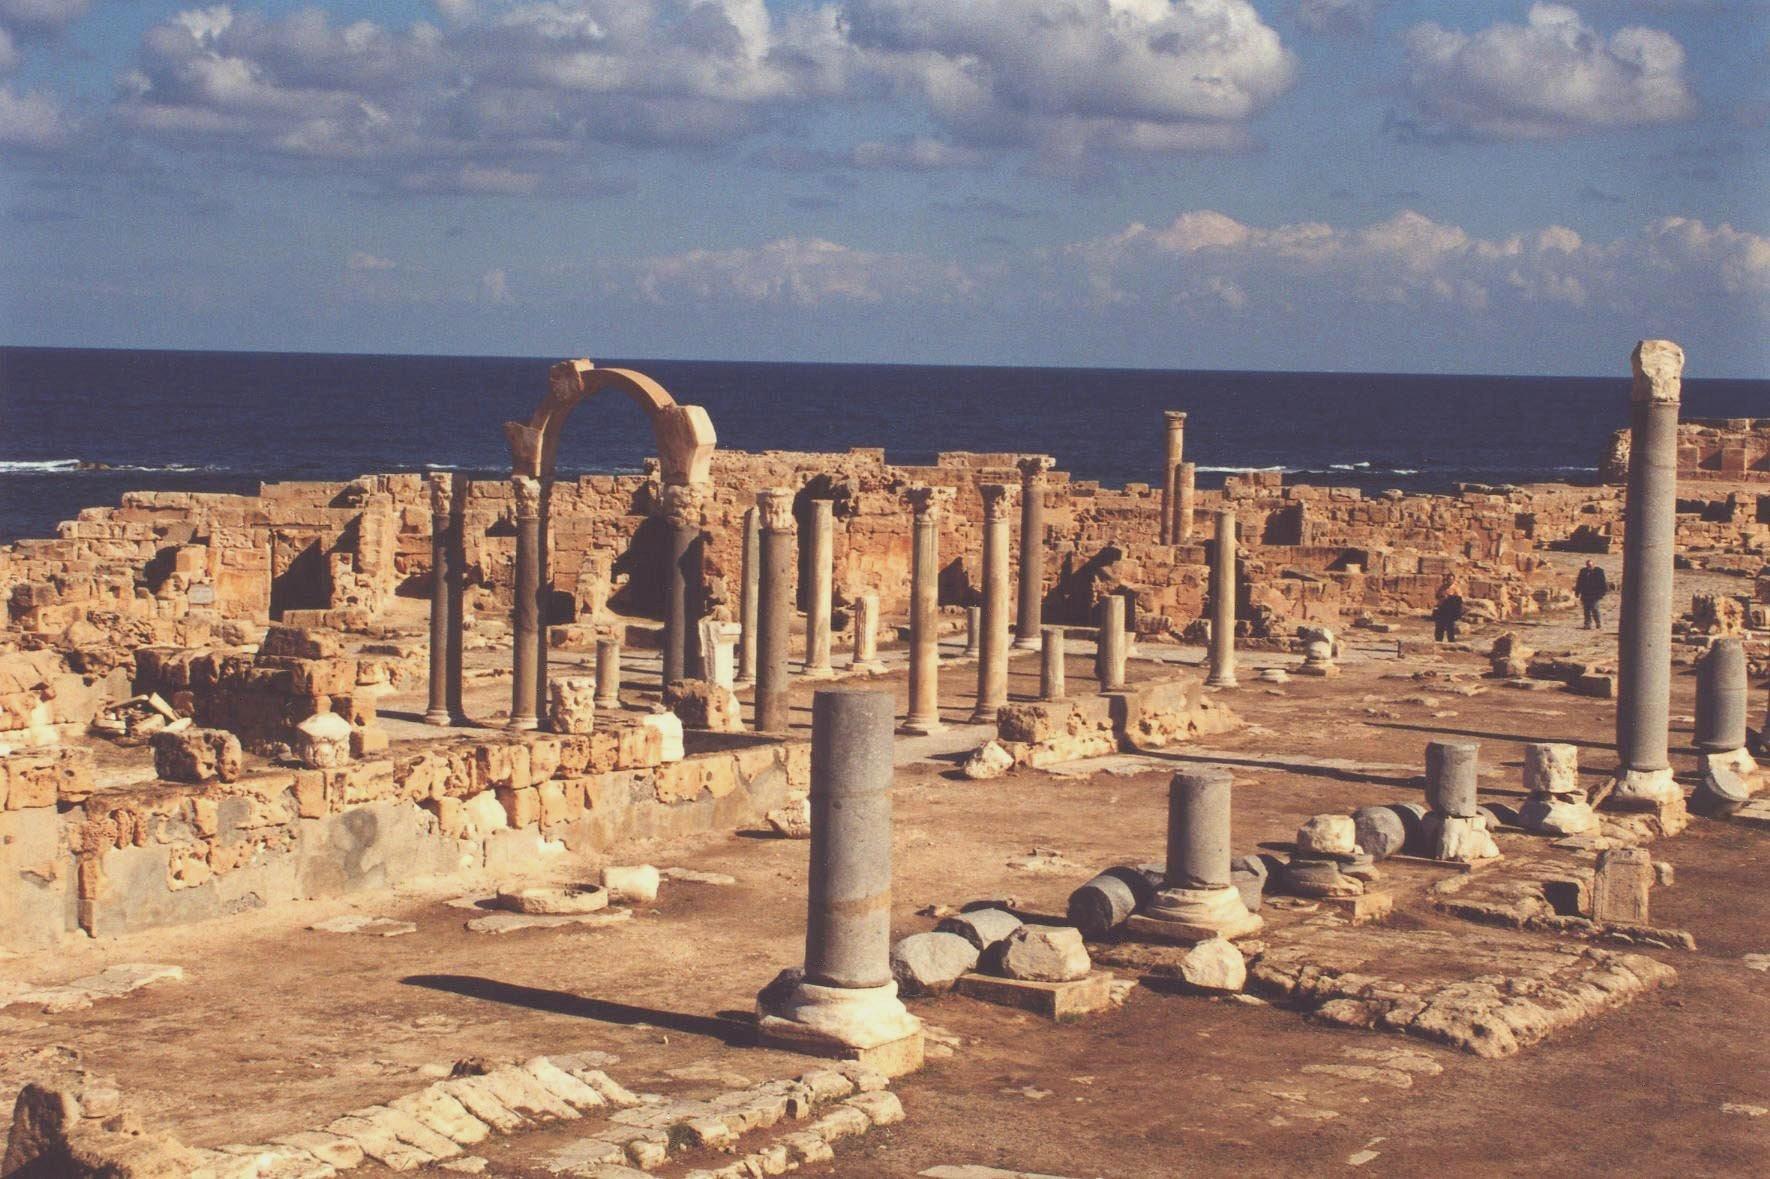 L 39 isis a 70 km da tripoli dopo palmira a rischio le rovine romane di sabrata secolo d 39 italia - Le 12 tavole romane ...